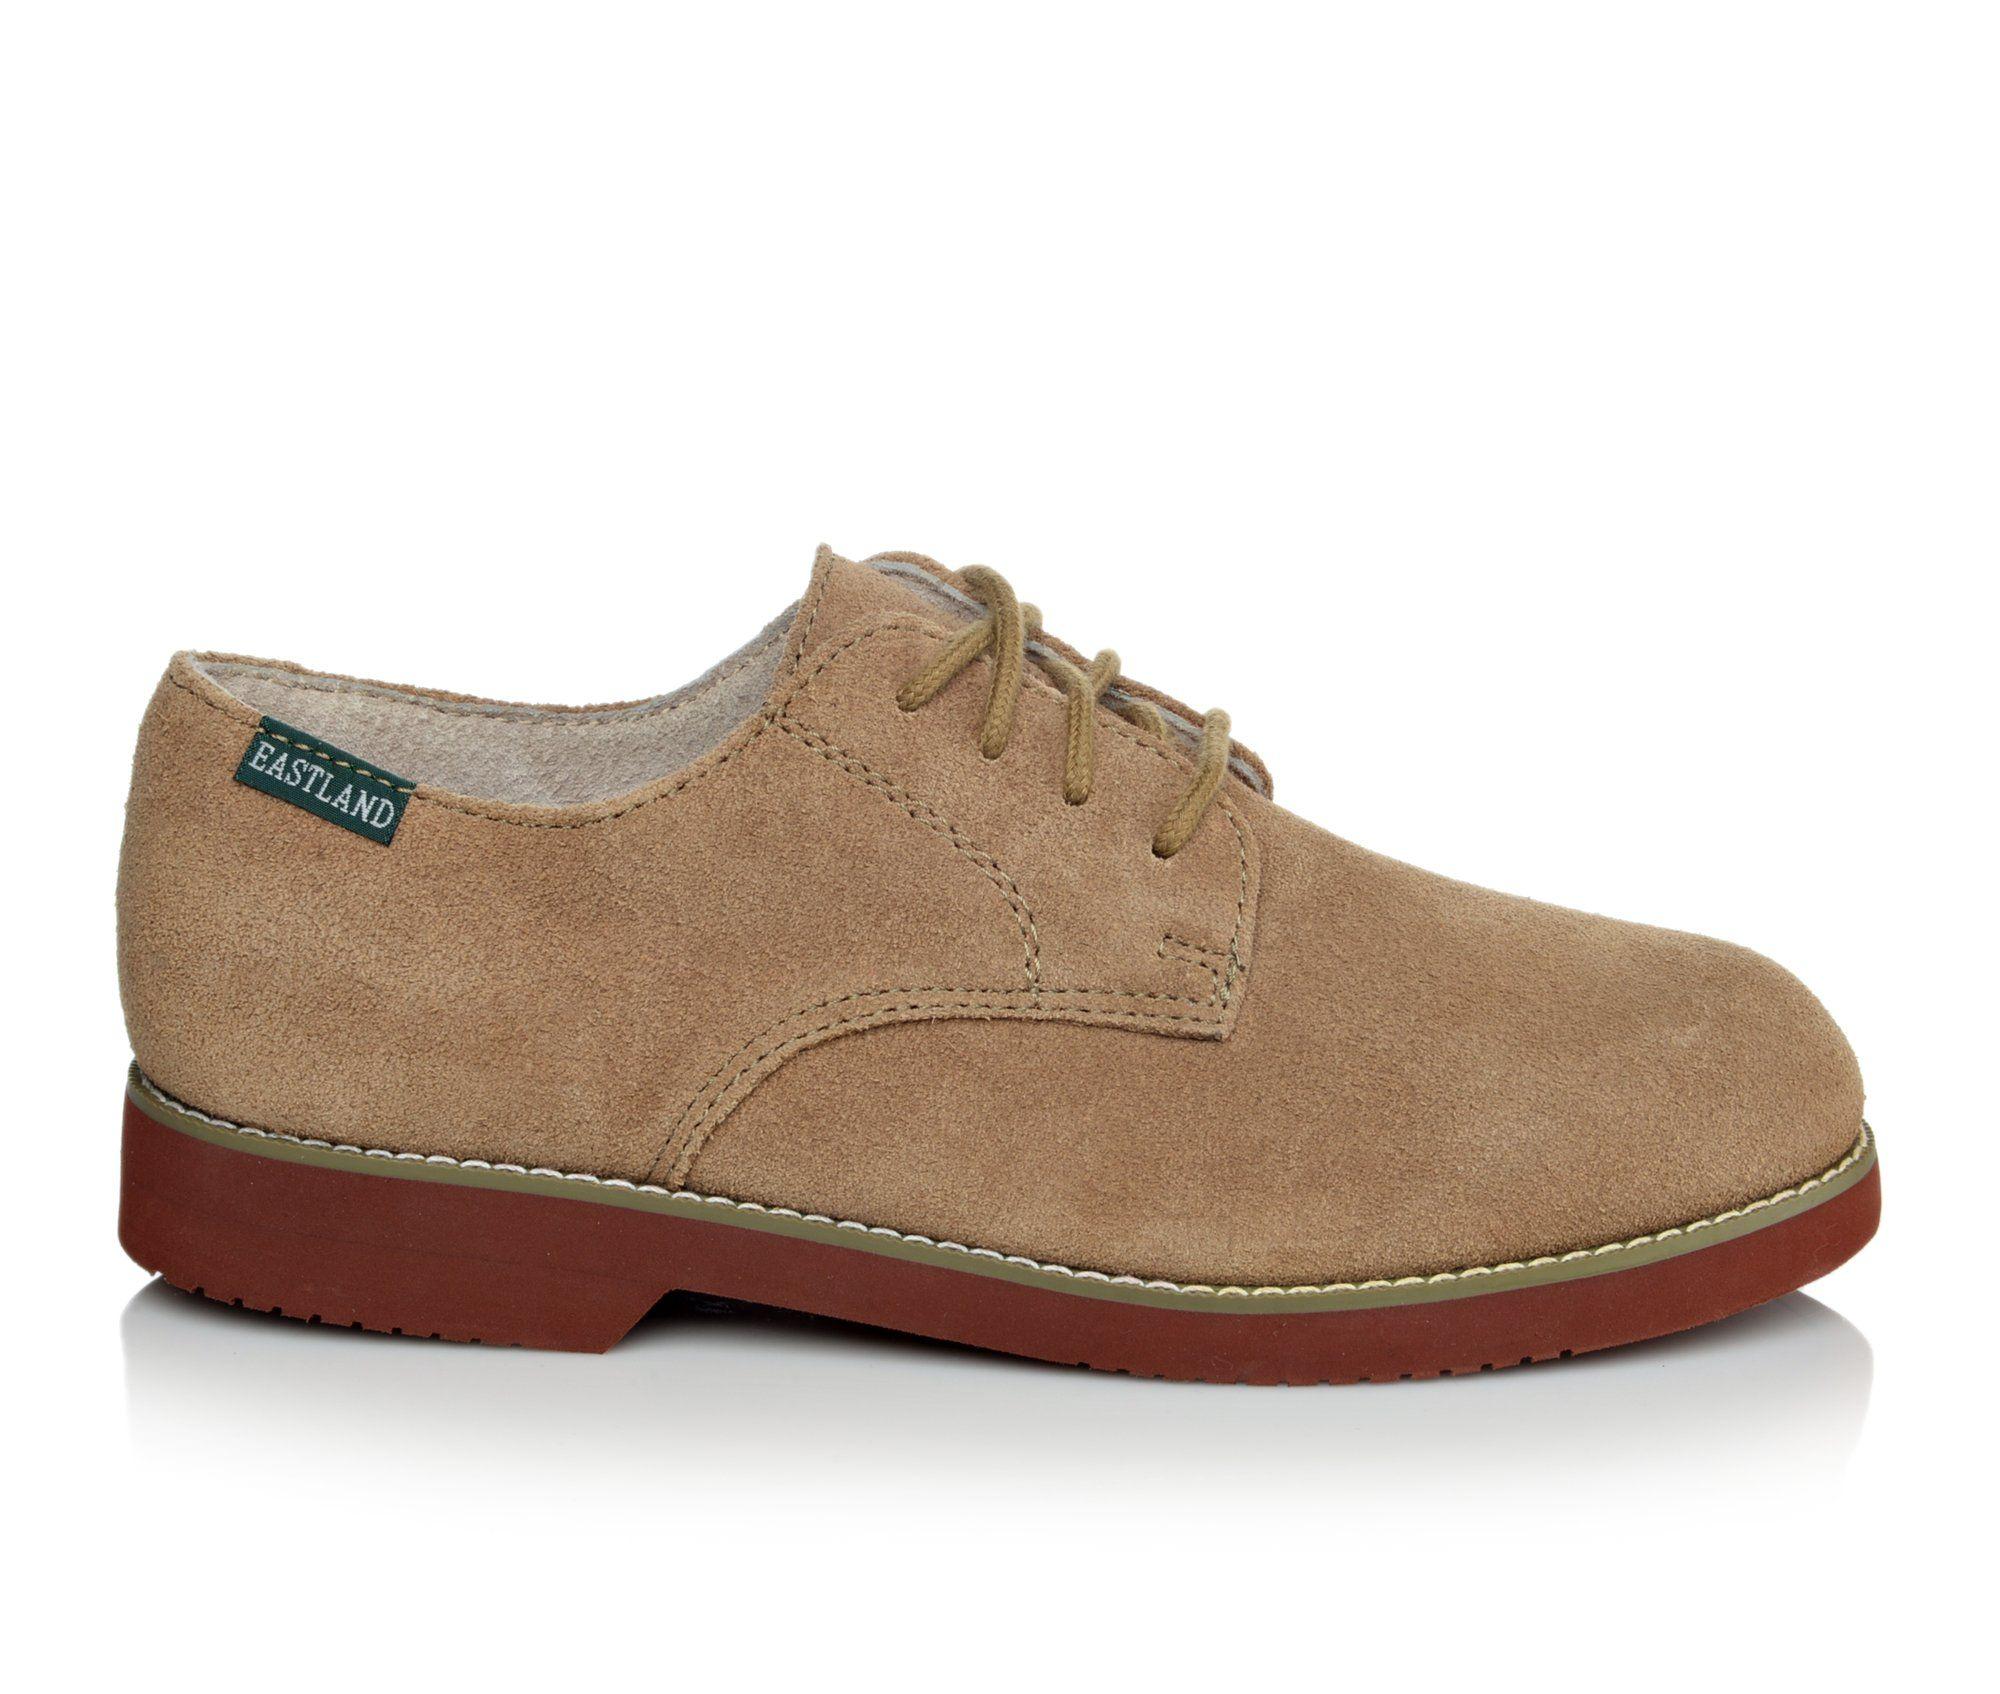 Eastland Buck Women's Shoe (Beige Suede)